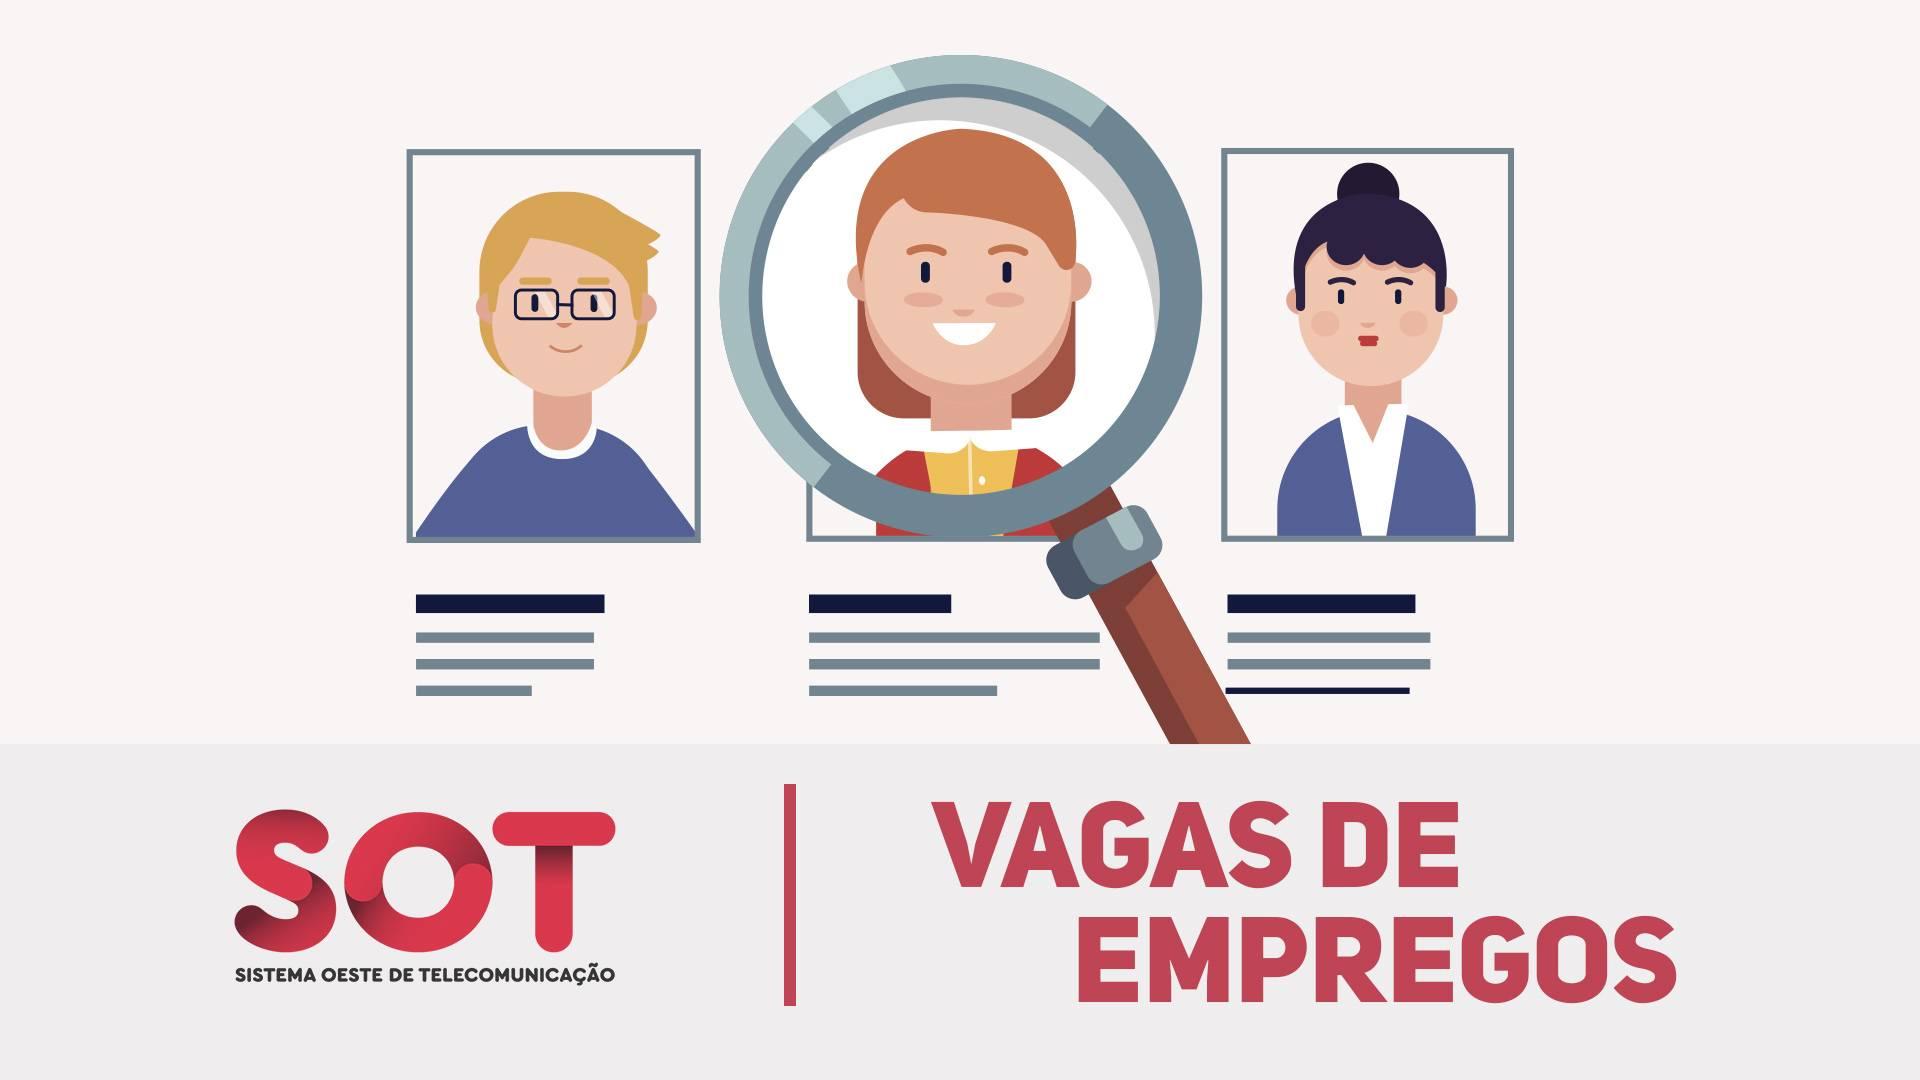 Vagas de Empregos: Veja as principais oportunidades disponíveis nesta quinta-feira (15/07)